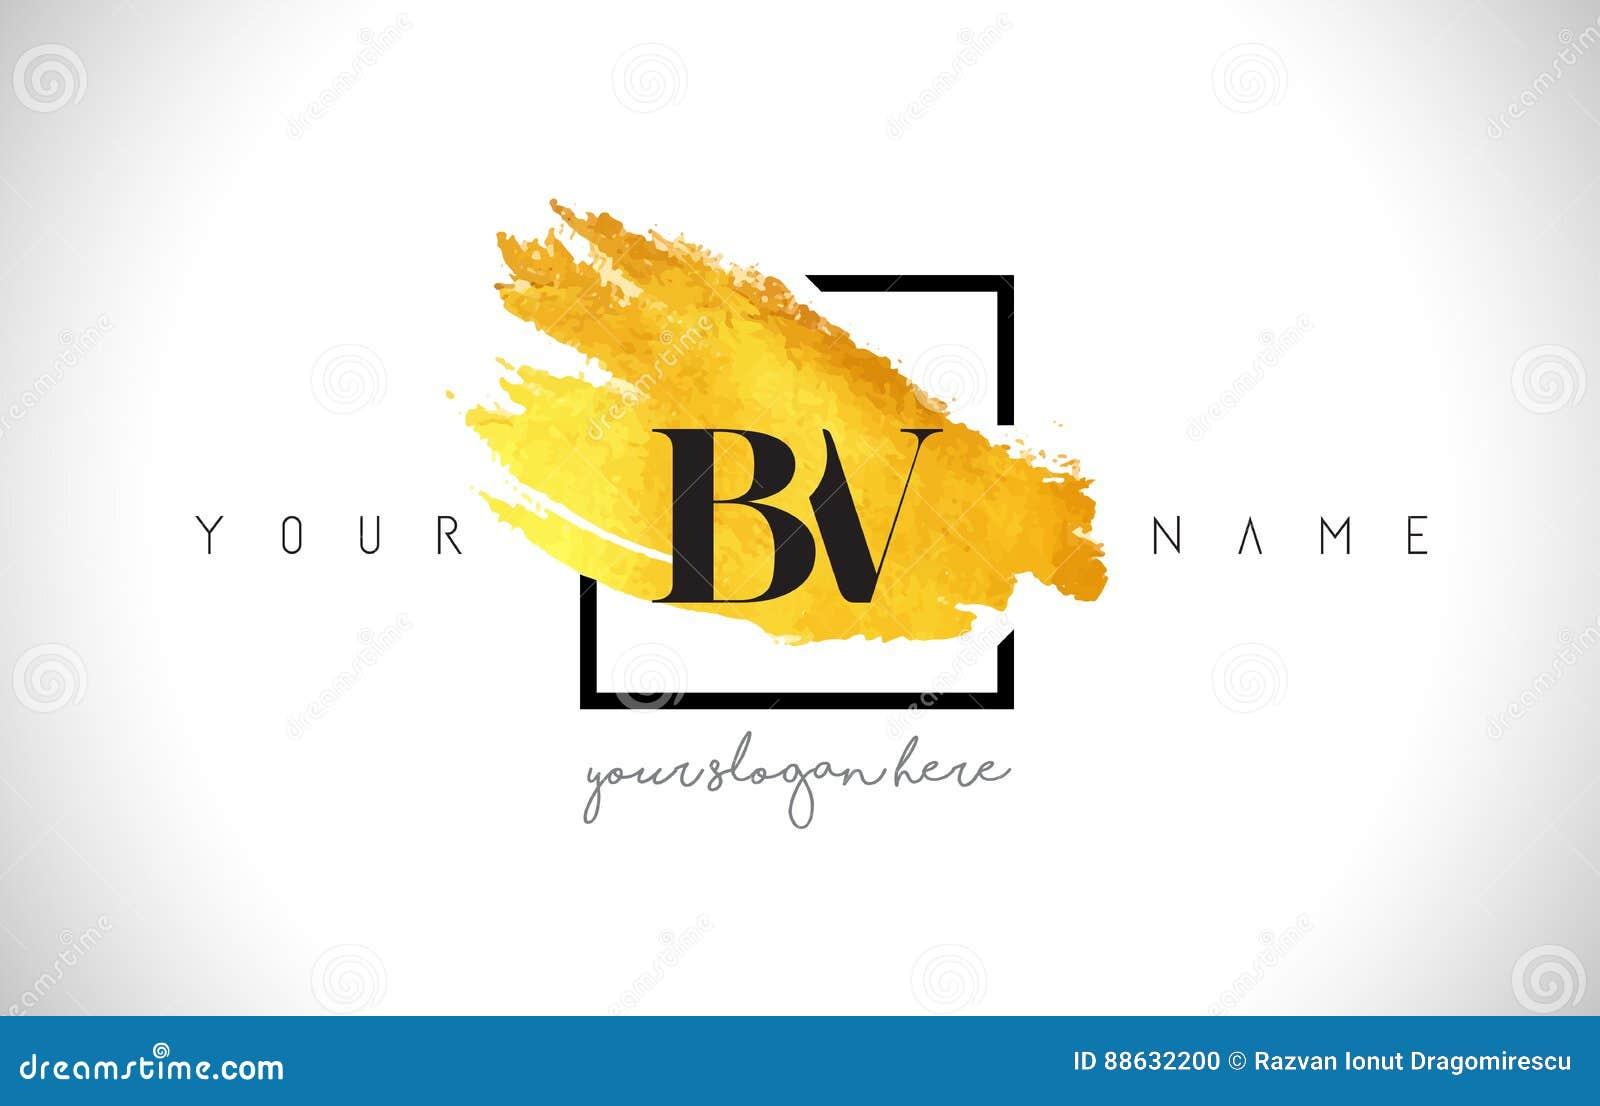 Lettre d or Logo Design de la BV avec la course créative de brosse d or